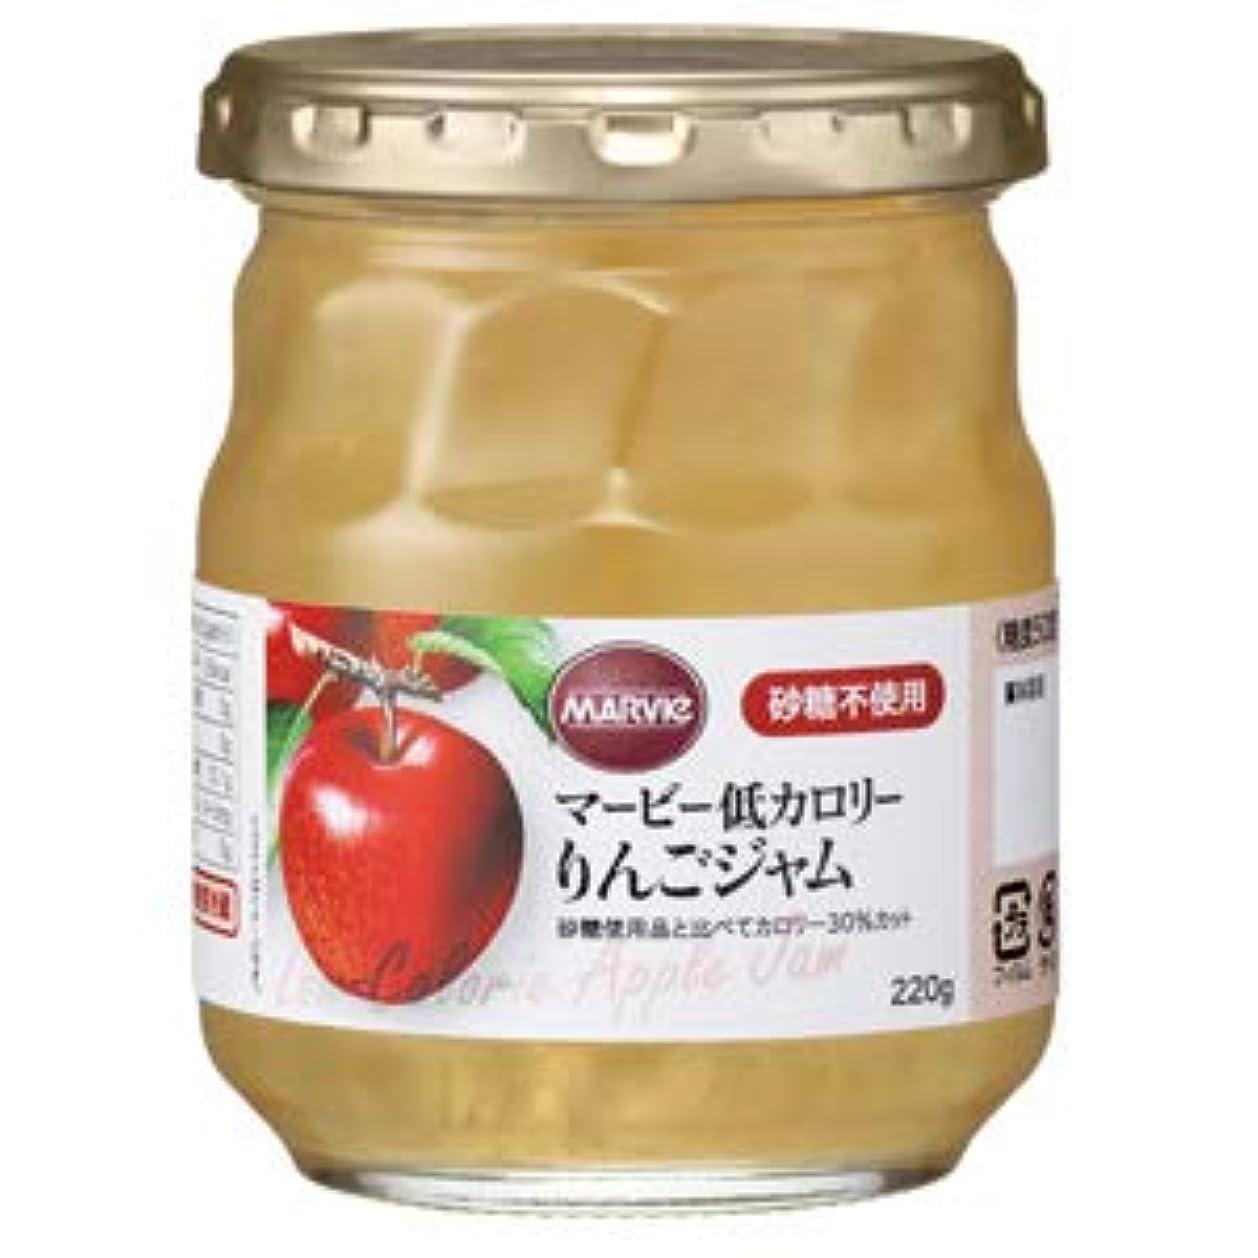 物足りない刃喜ぶH+Bライフサイエンス マービー低カロリー りんごジャム 220g